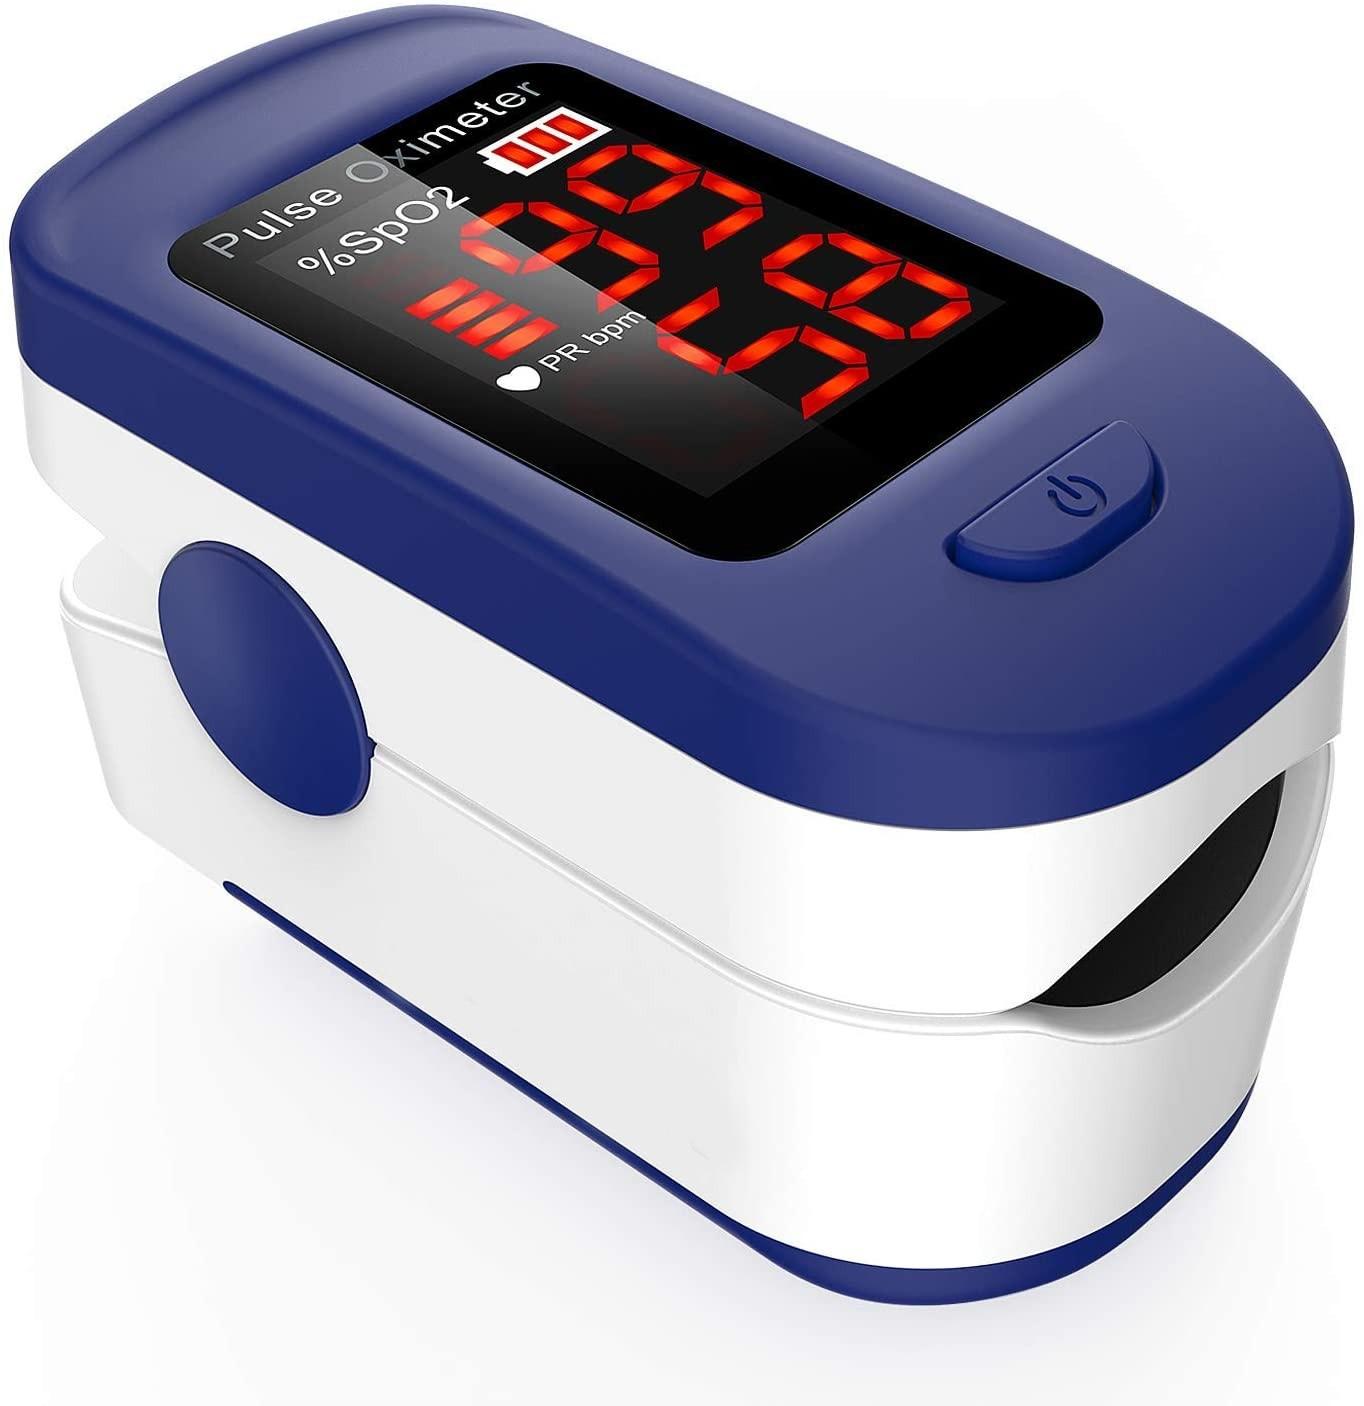 Saturimetro Pulsossimetro da Dito Professionale con Display LCD per misurare i Livelli di ossigeno SpO2 e Battito Cardiaco, f10c, 30 €